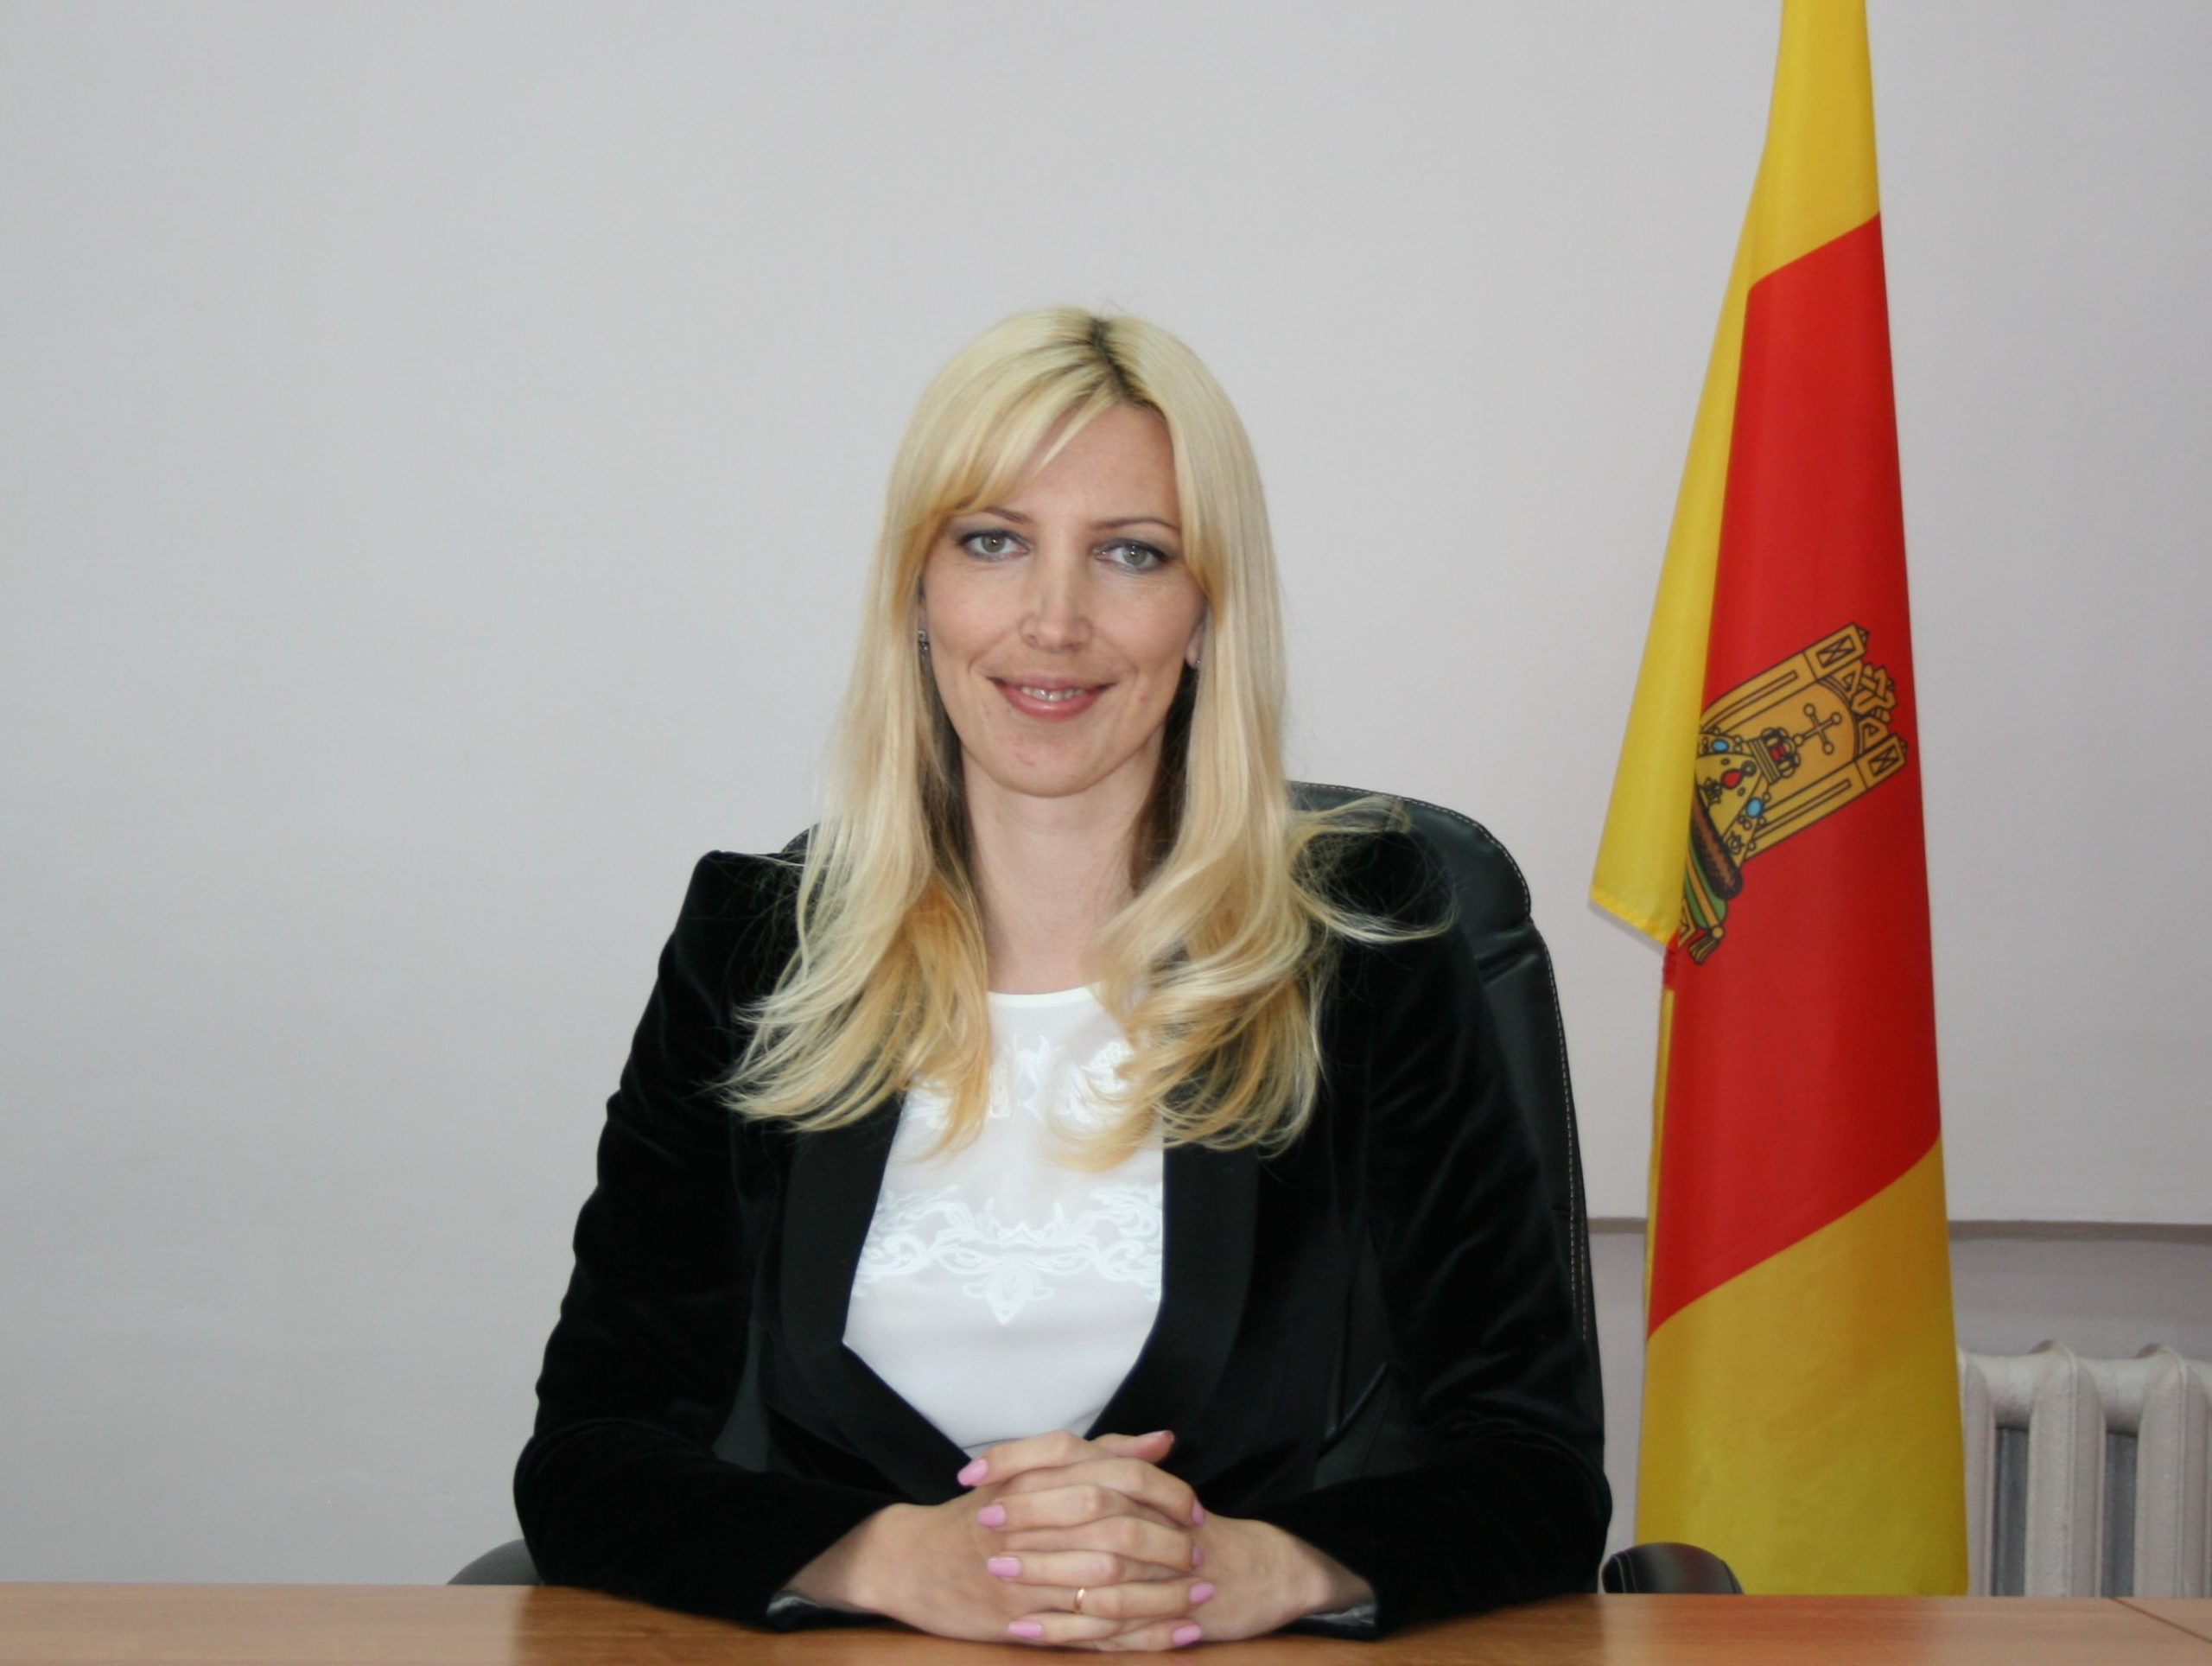 Татьяна Дубова: Мы помогаем семьям получать льготы и субсидии